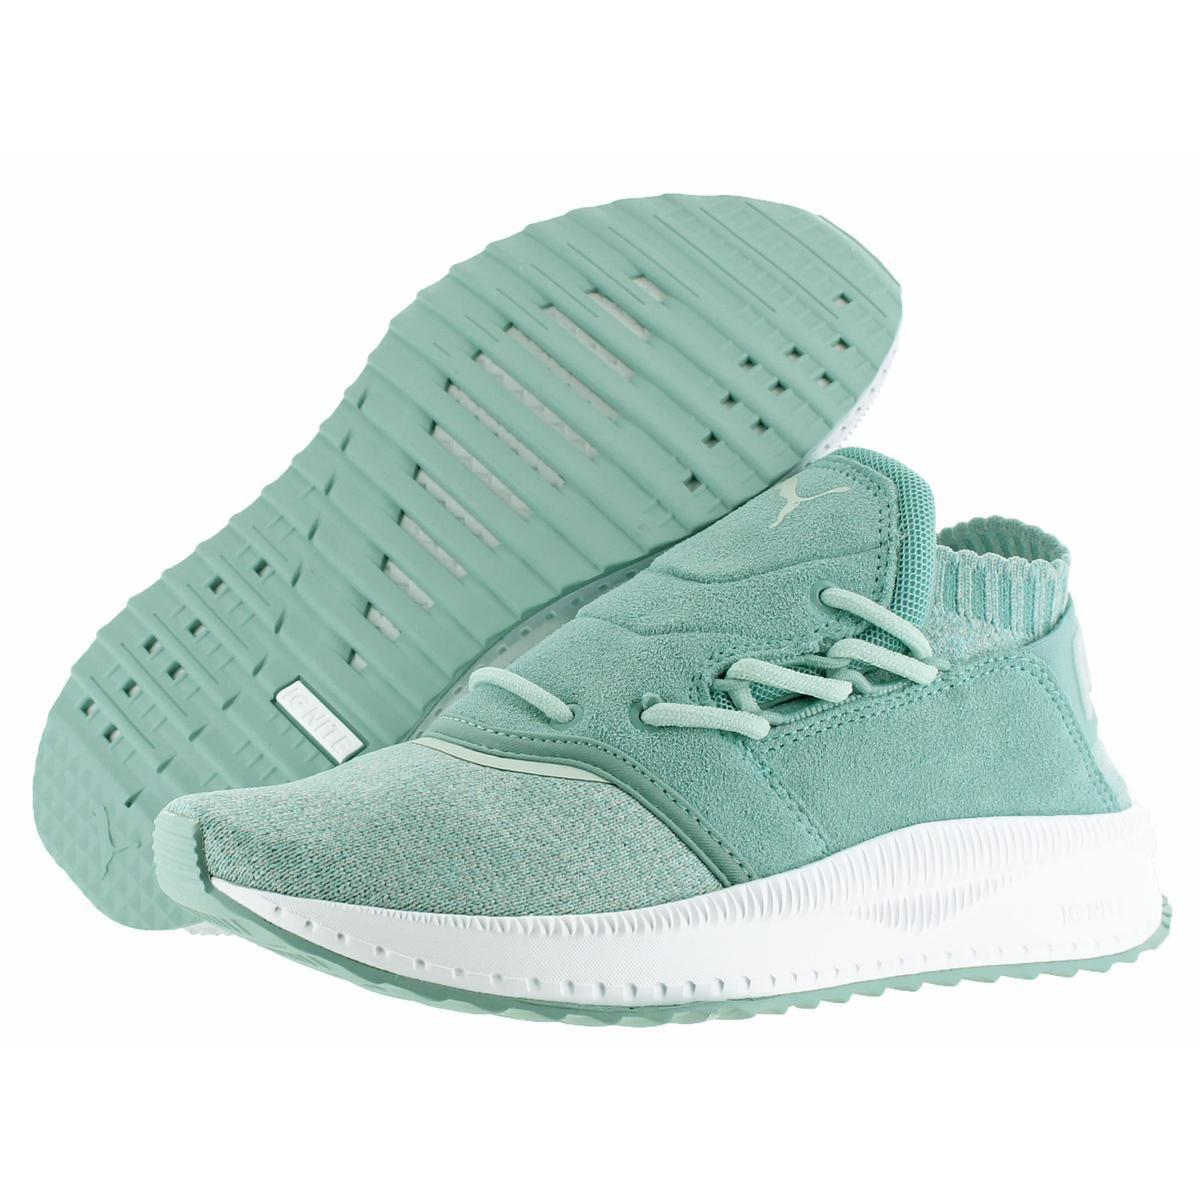 PUMA - Blue Womens Tsugi Shinsei Evoknit Lightweight Casual Fashion Sneakers  - Lyst. View fullscreen b8aeb10ea